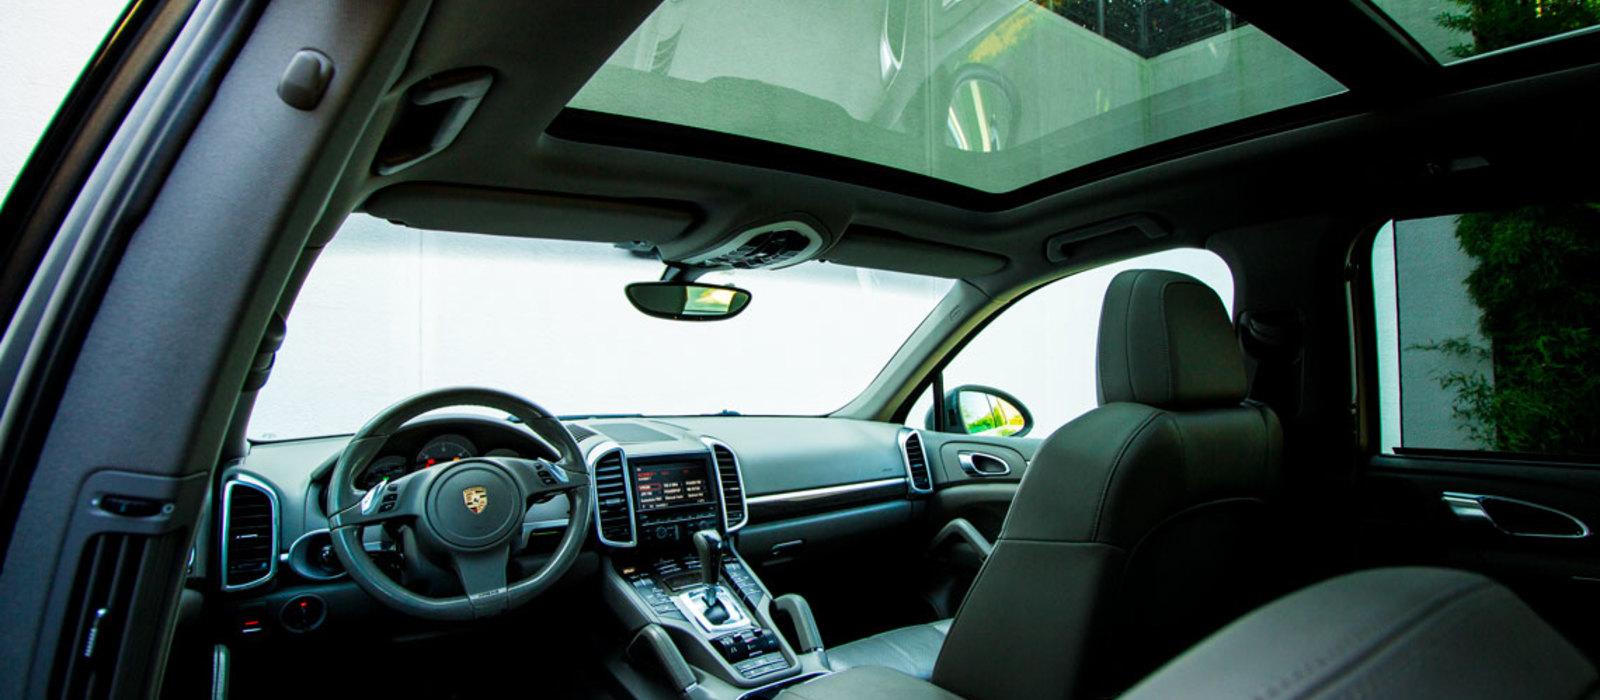 ikinci el araba 2011 Porsche Cayenne Diesel Dizel Otomatik 136588 KM 12